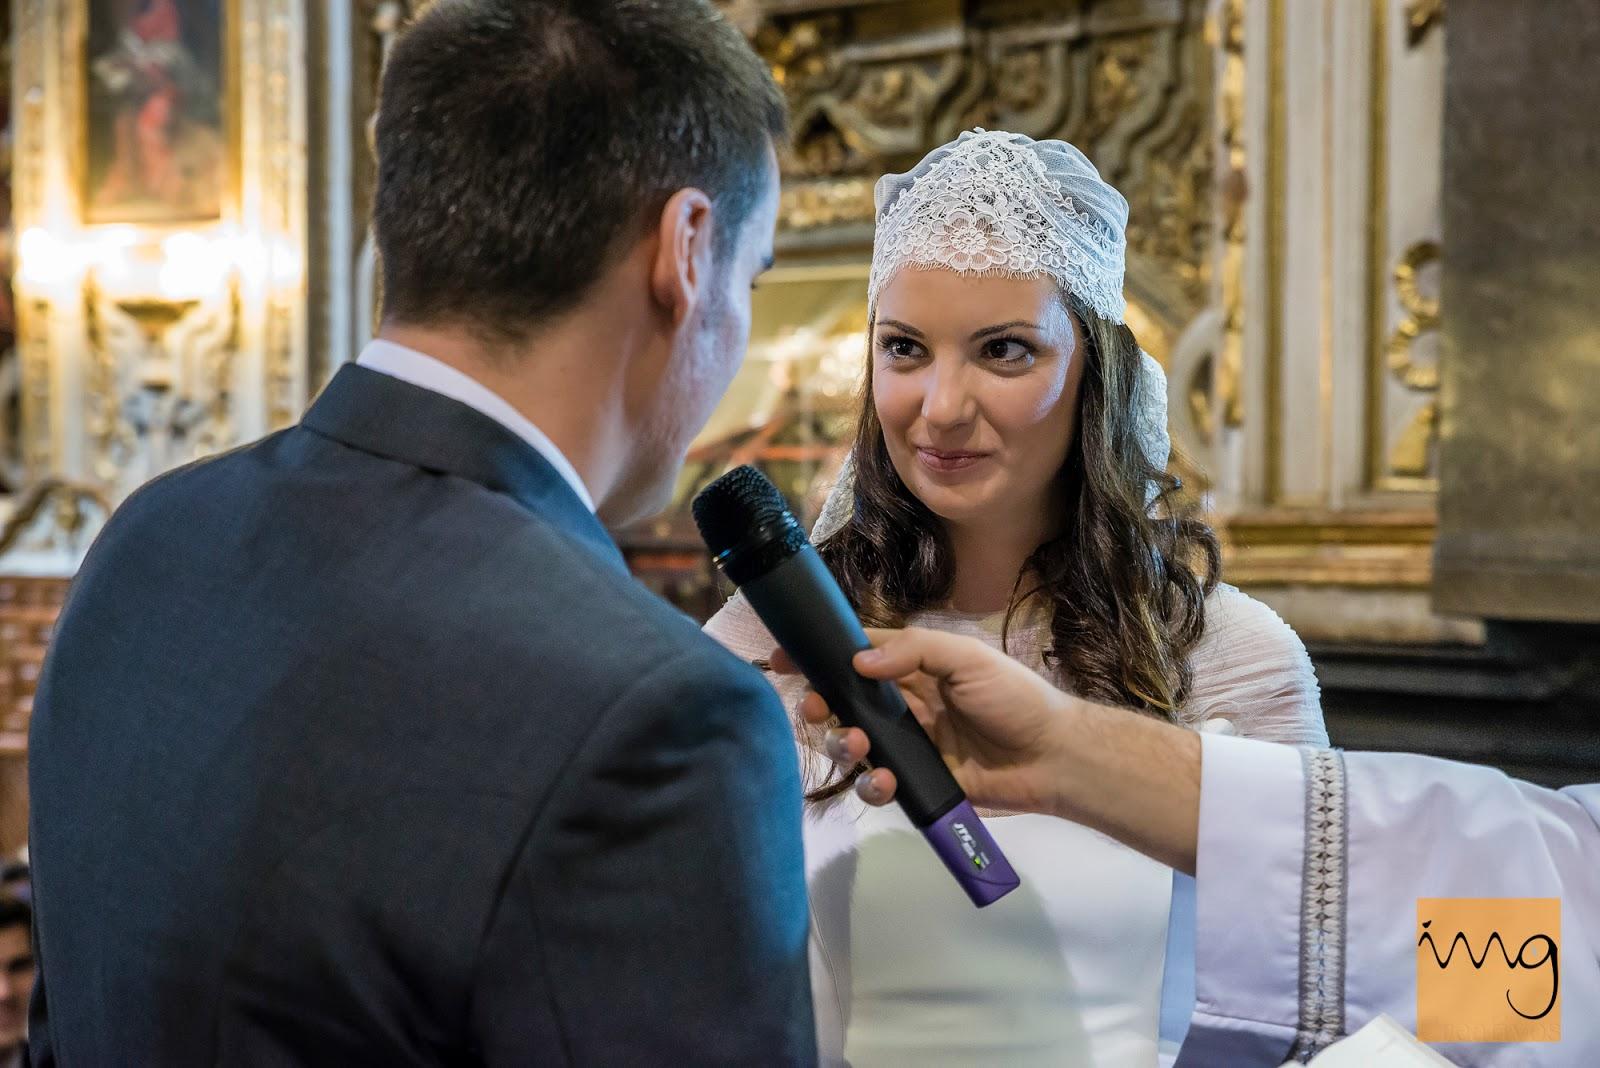 Fotografía de boda, los votos de los novios